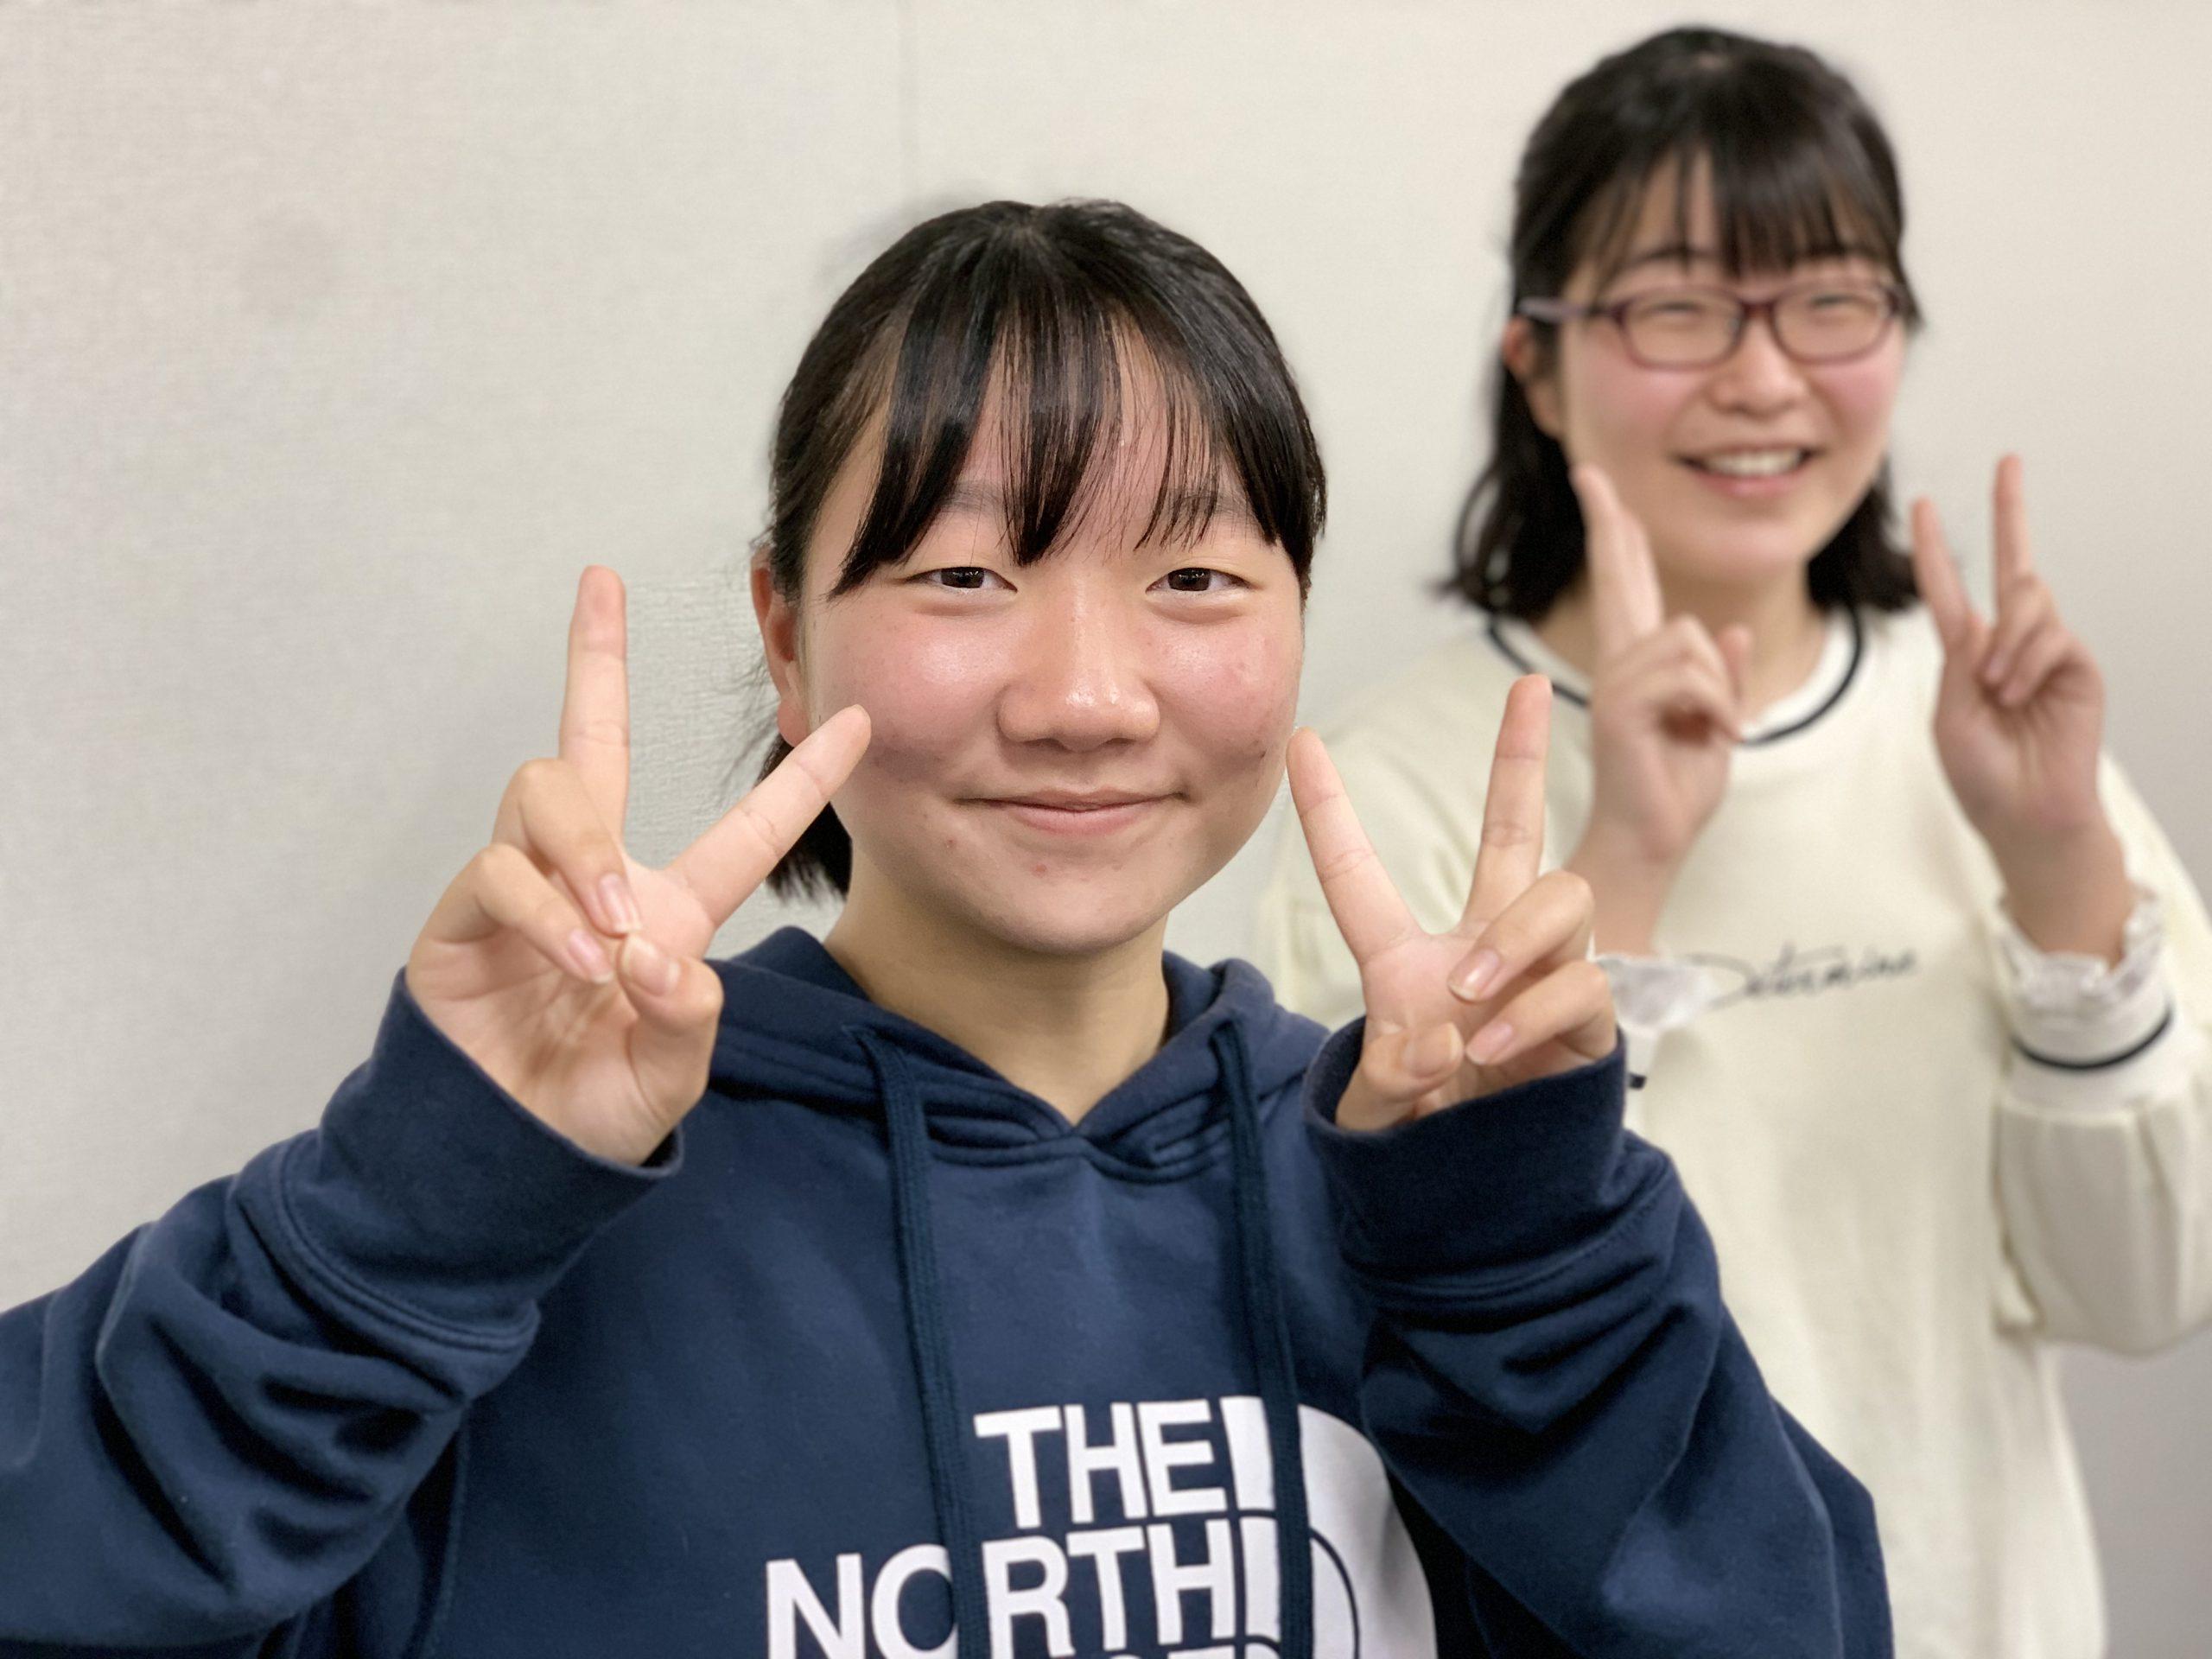 中学3年 齋藤沙桜